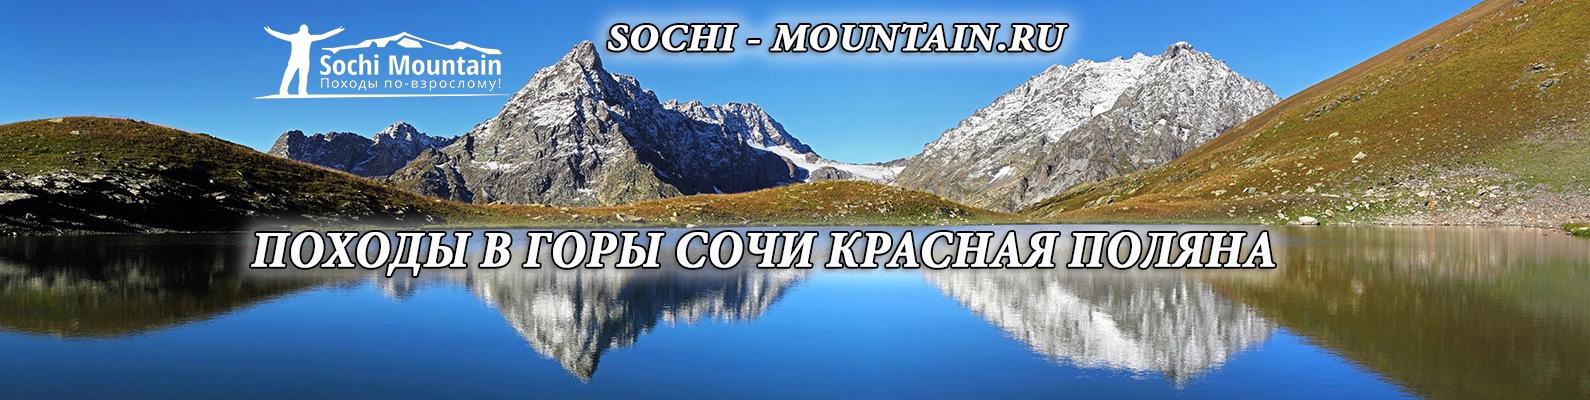 Поход в горы сочи